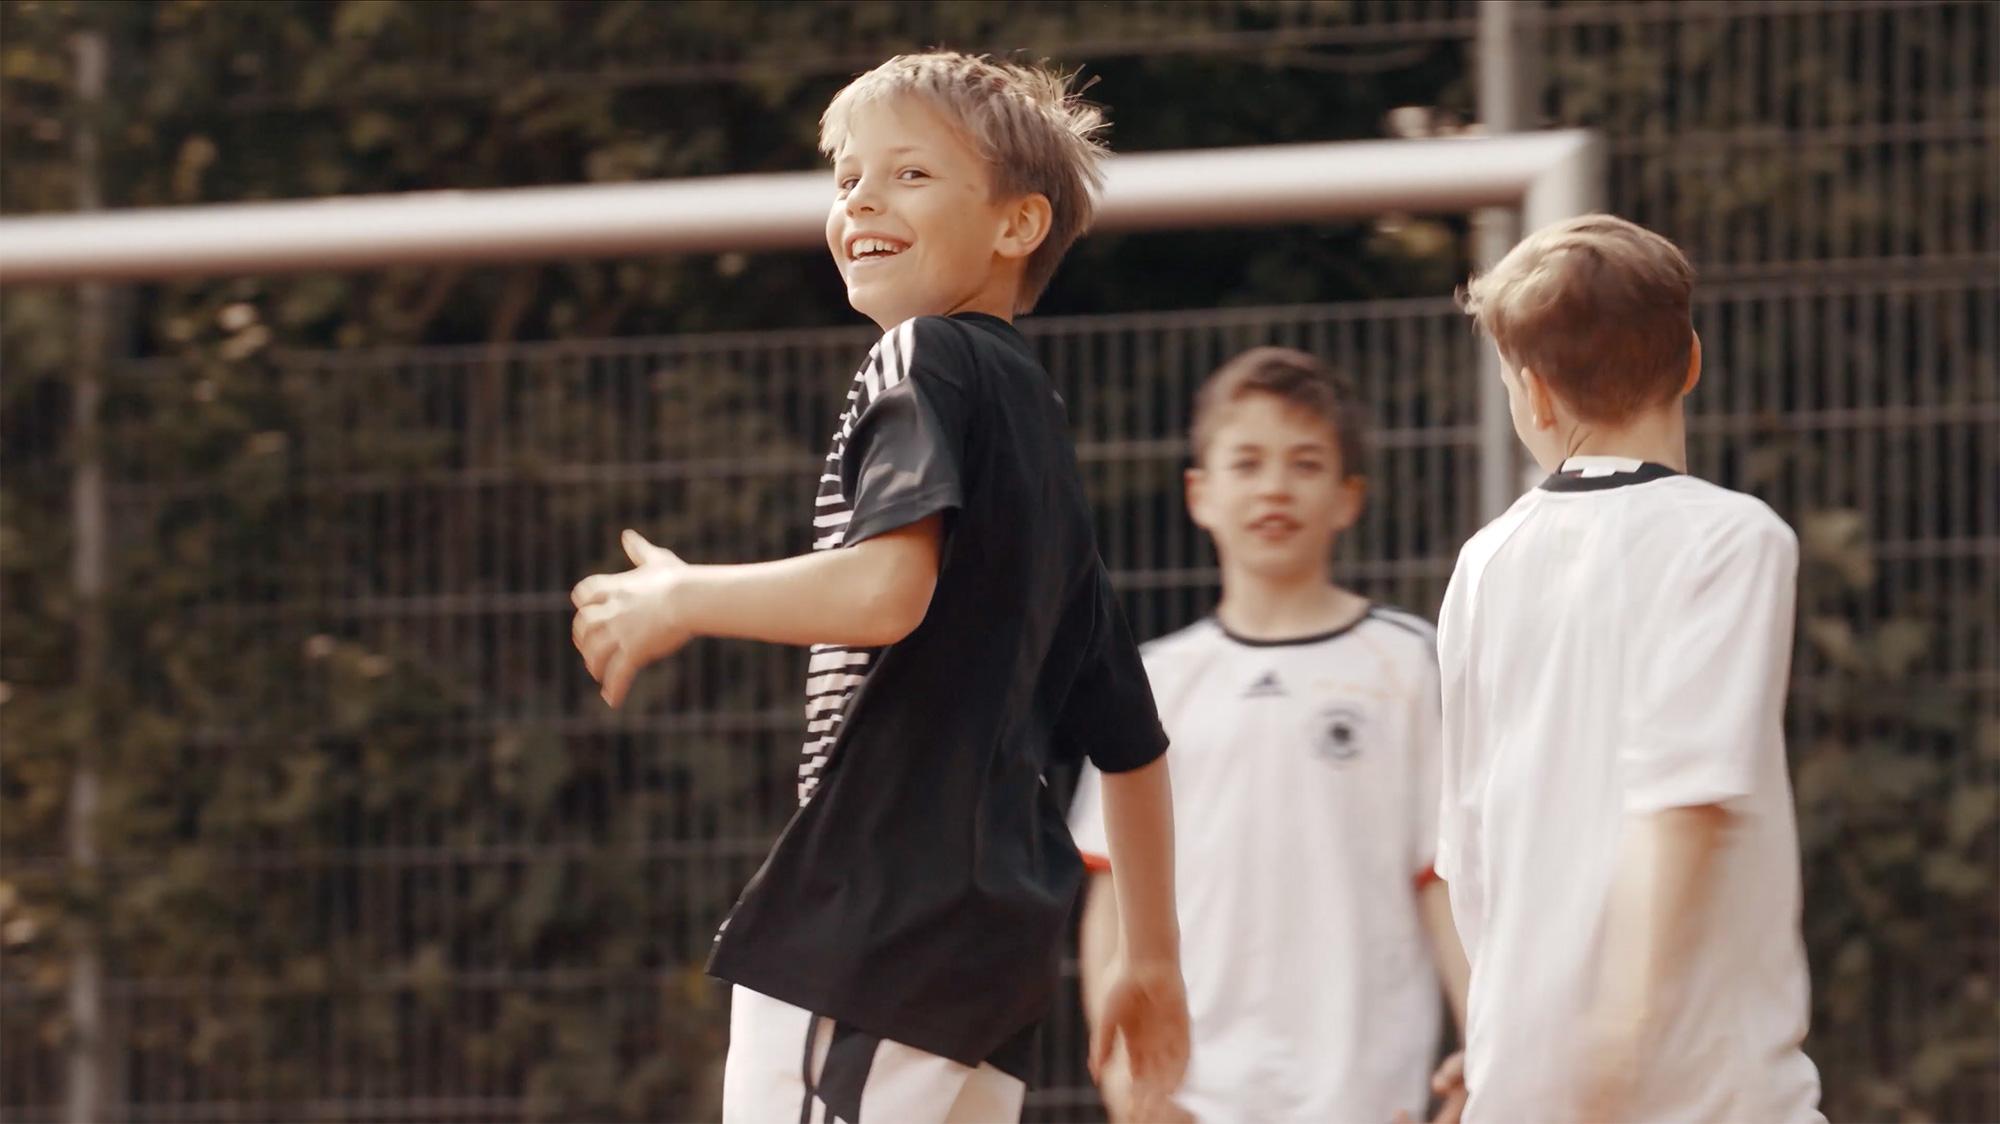 Junge beim Fußballspielen